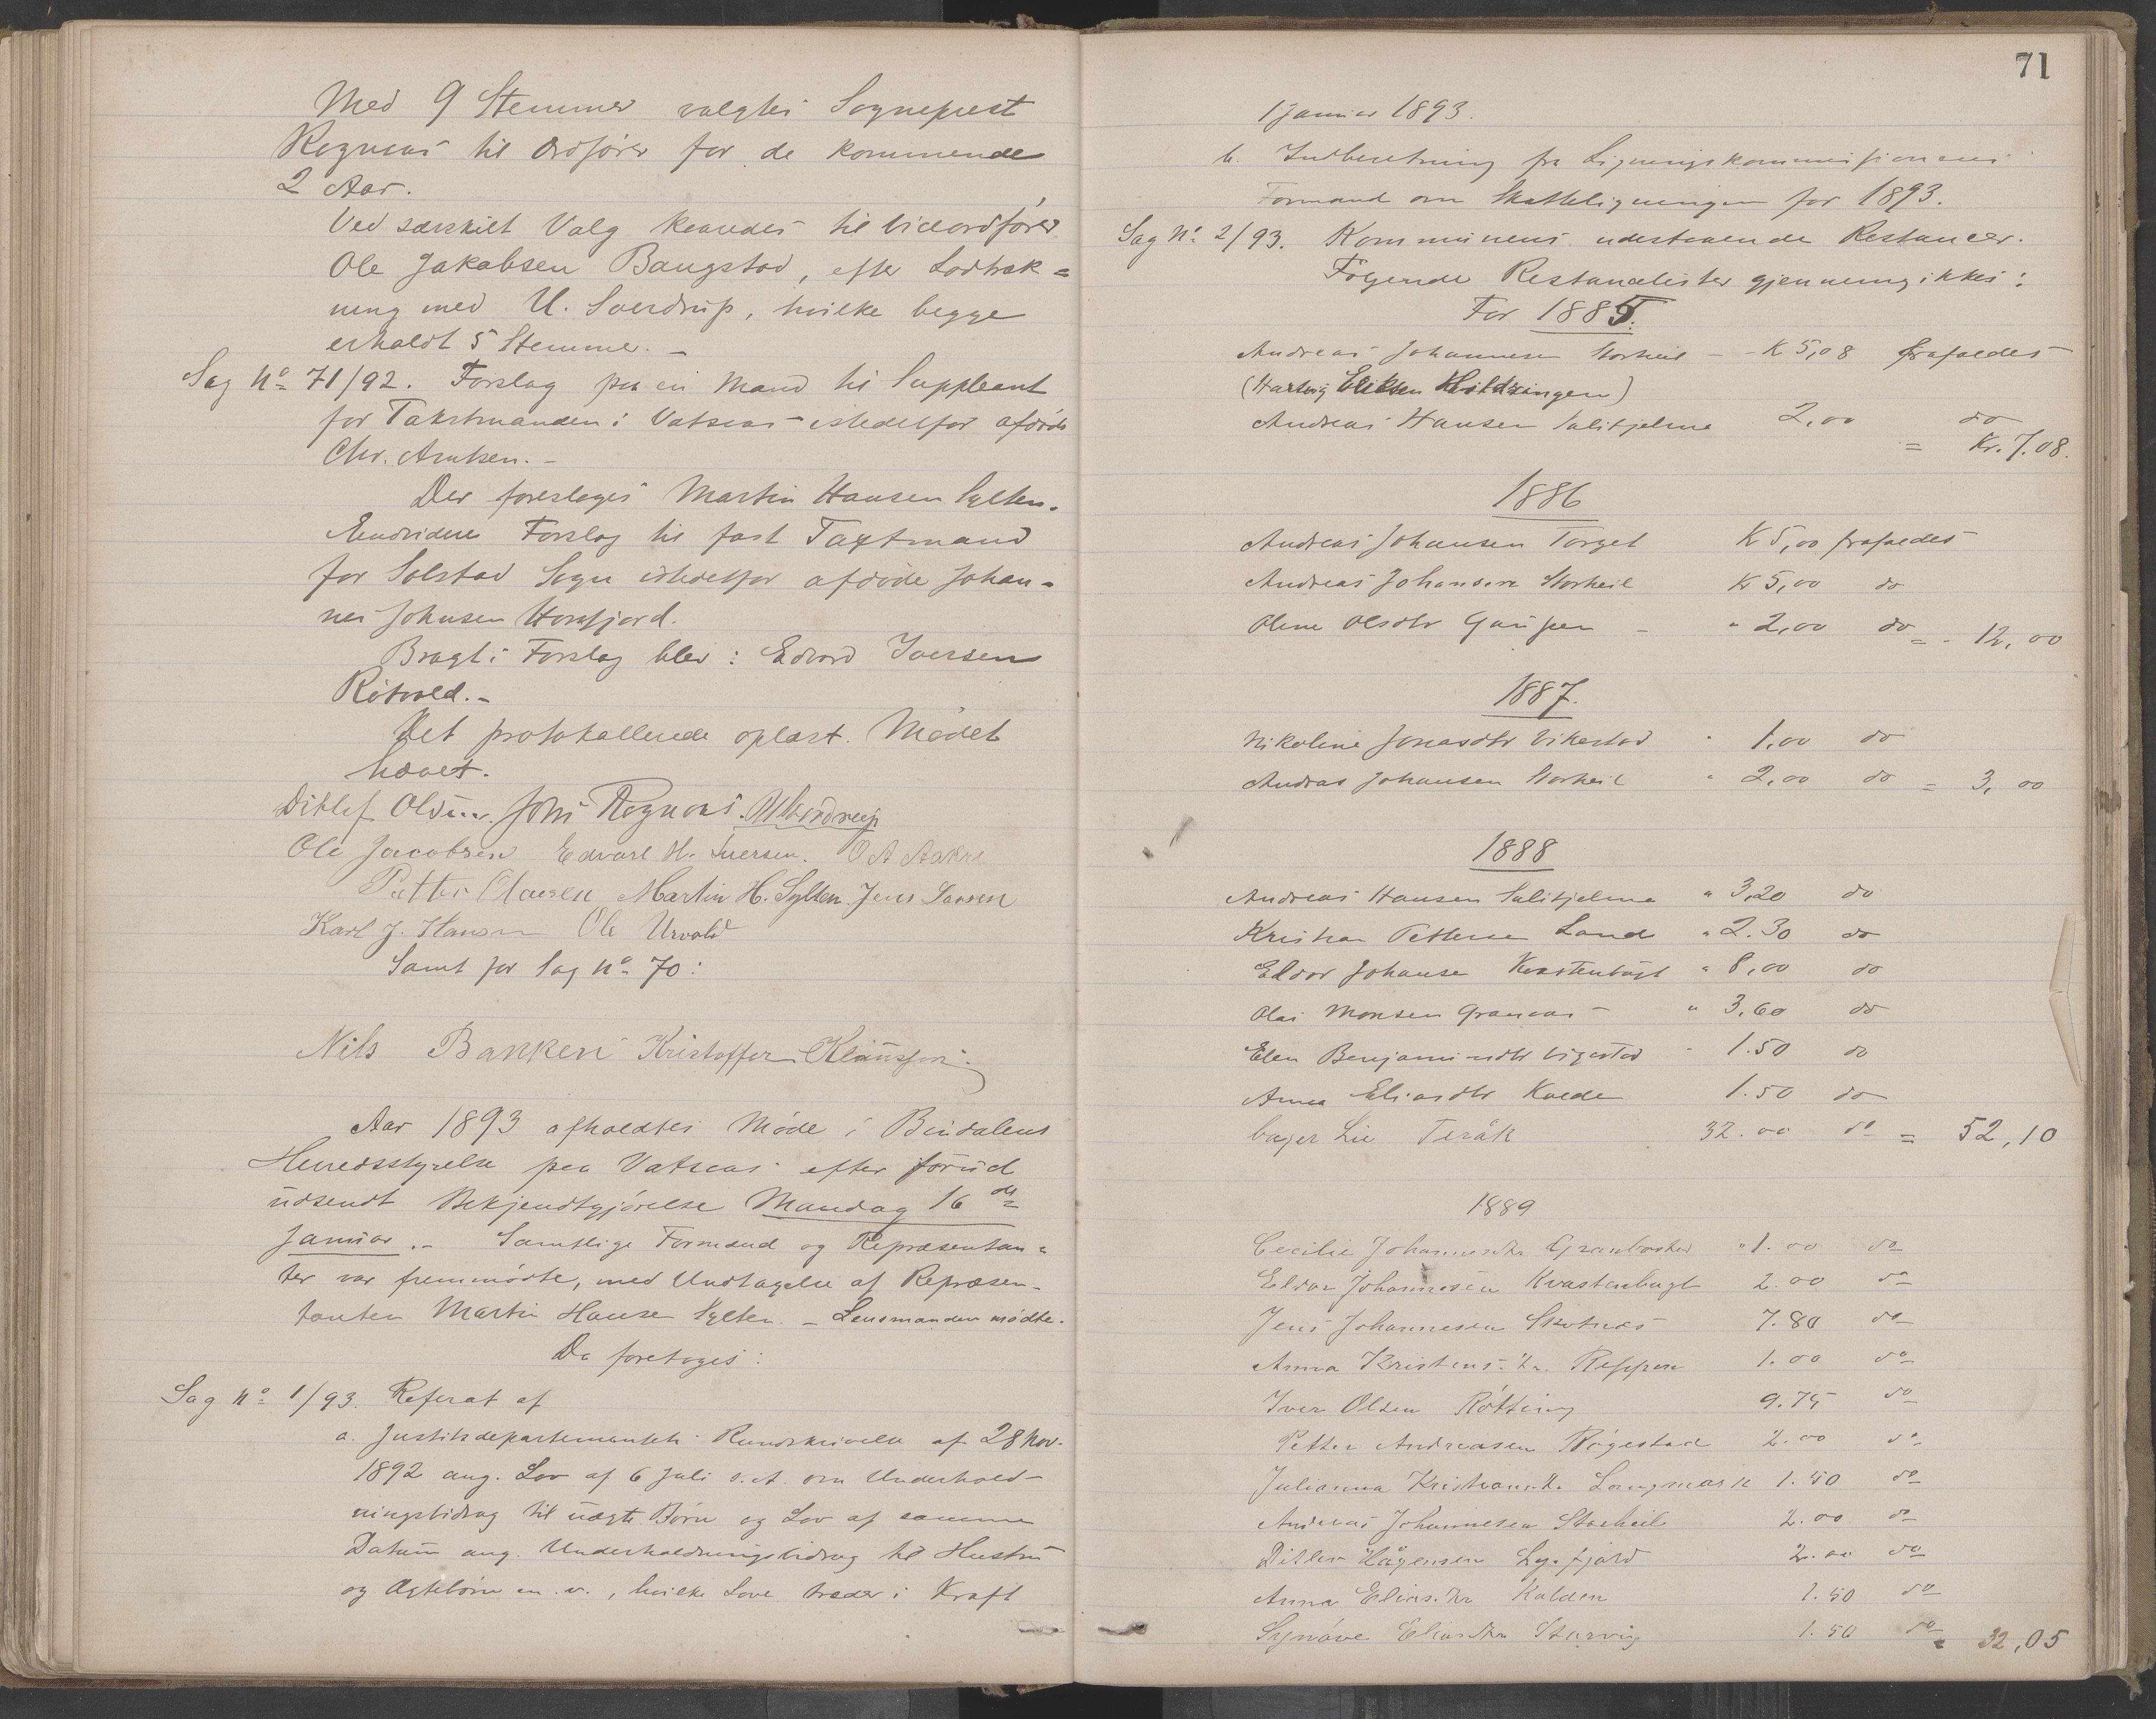 AIN, Bindal kommune. Formannskapet, A/Aa/L0000c: Møtebok, 1885-1897, s. 71